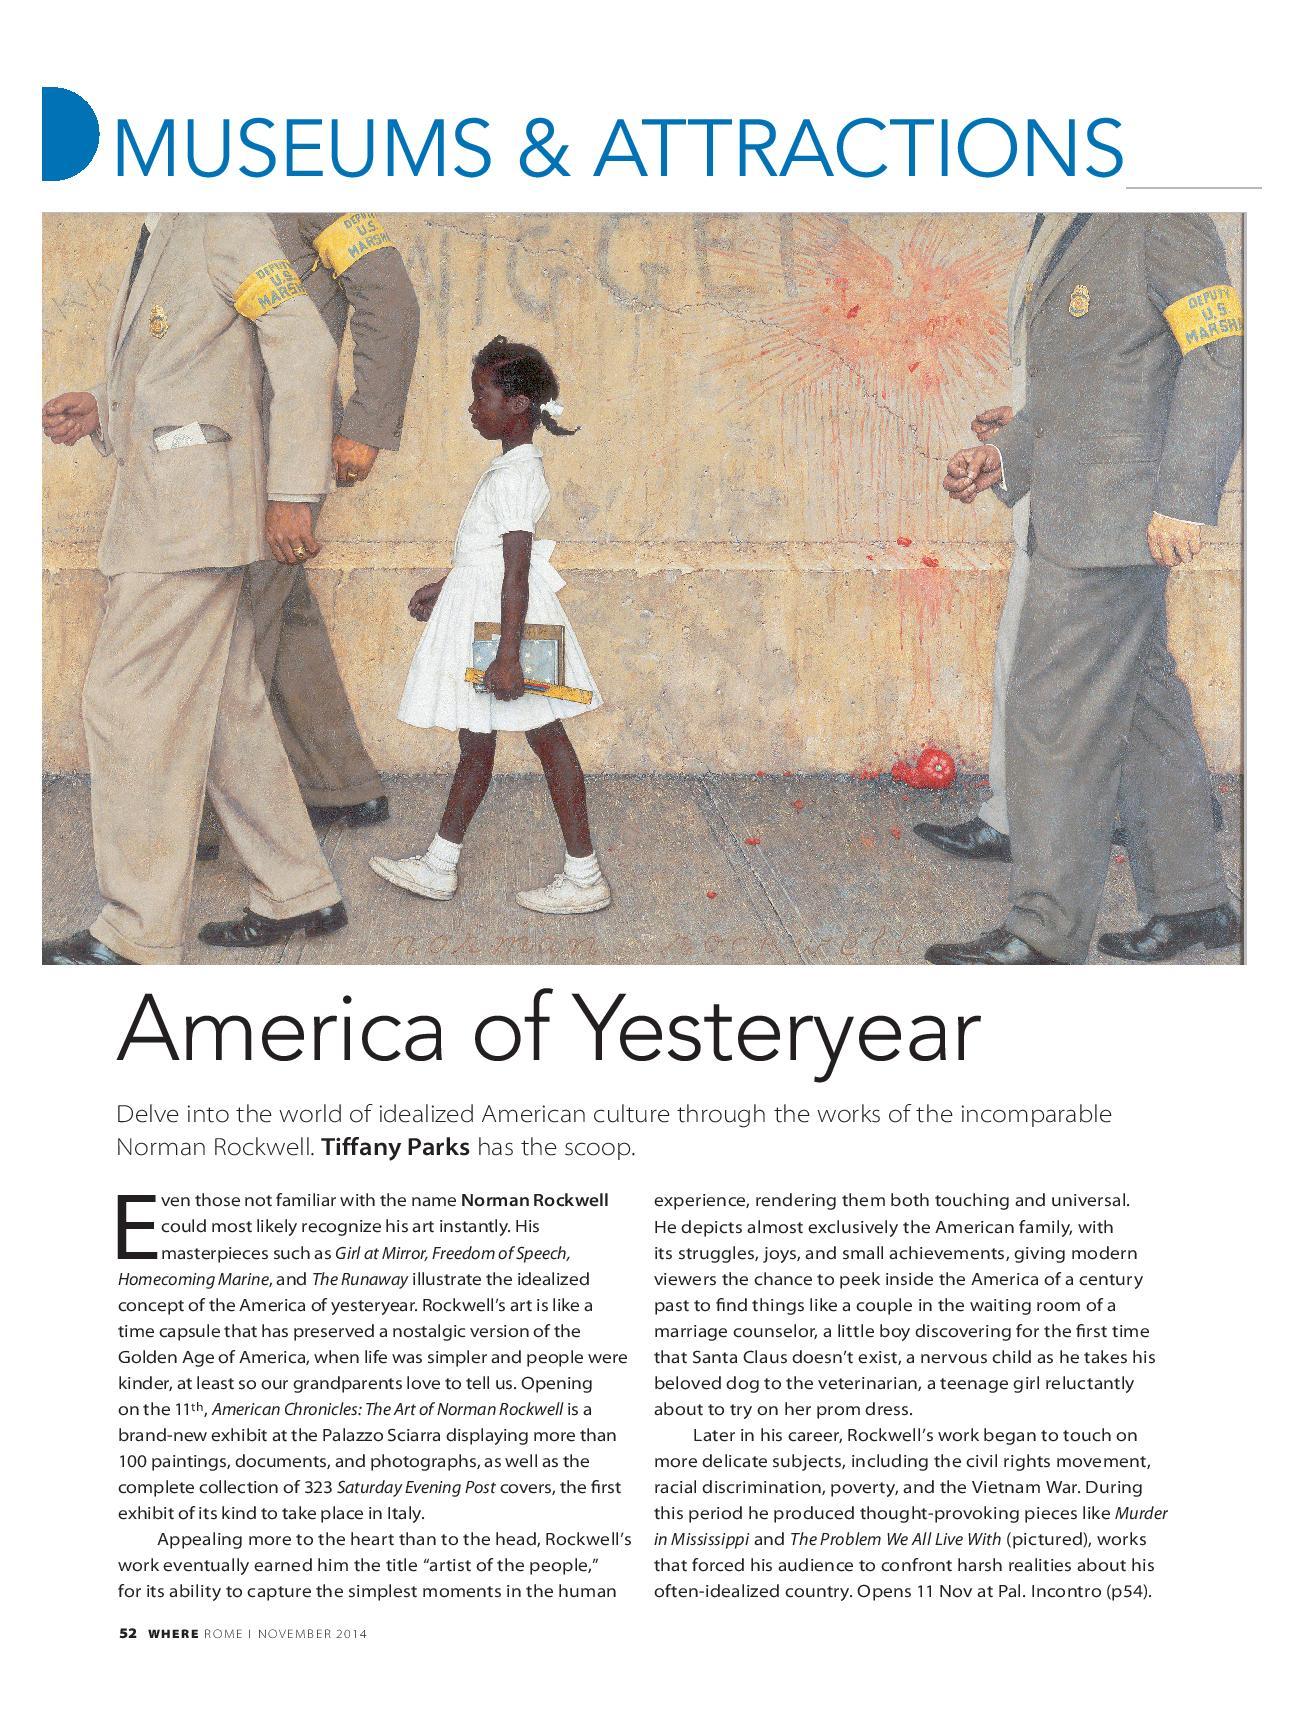 America of Yesteryear, November 2014-page-001.jpg